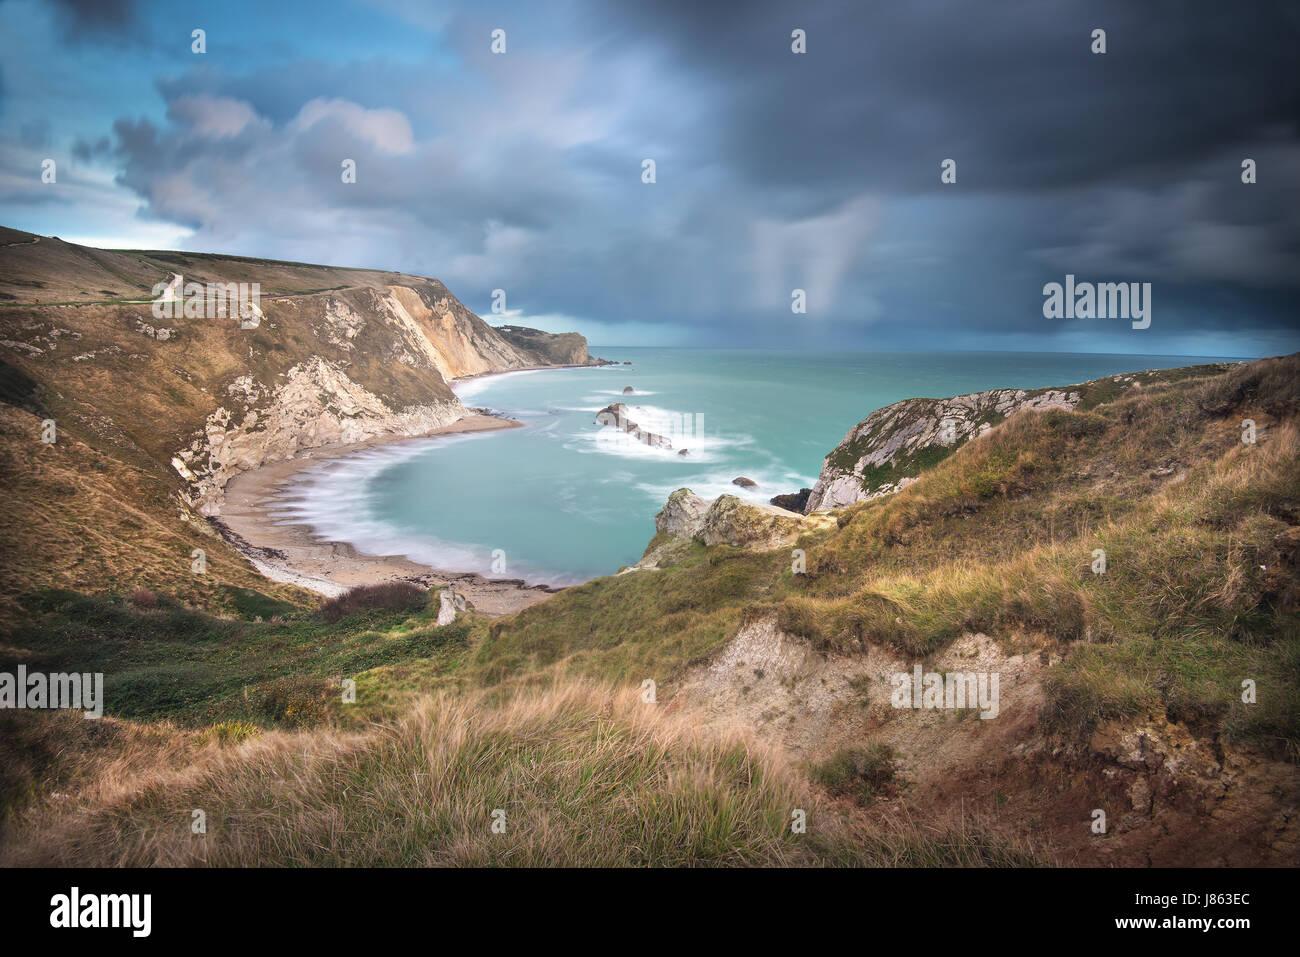 Man o' War Bay, cerca de la puerta de Durdle, y la vista hacia el este a lo largo de la Costa Jurásica, en Dorset, Inglaterra Foto de stock